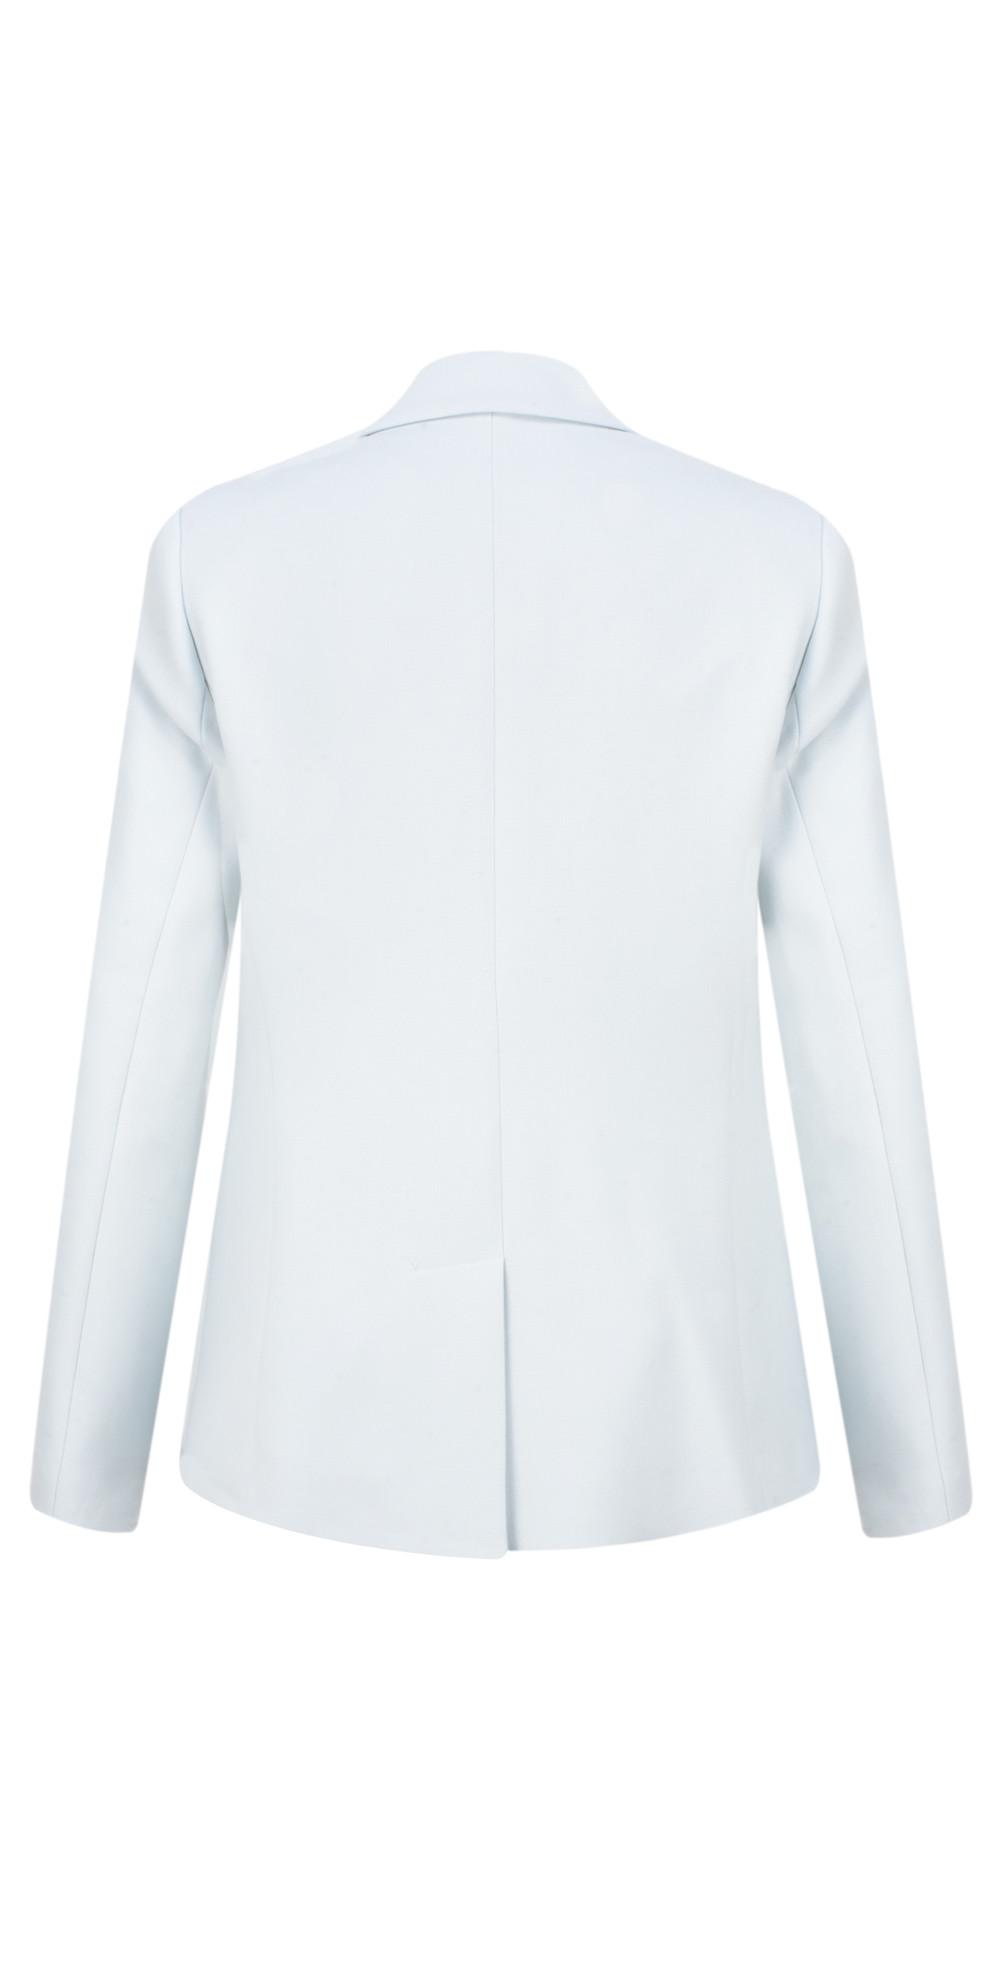 Sundae Suiting Jacket main image